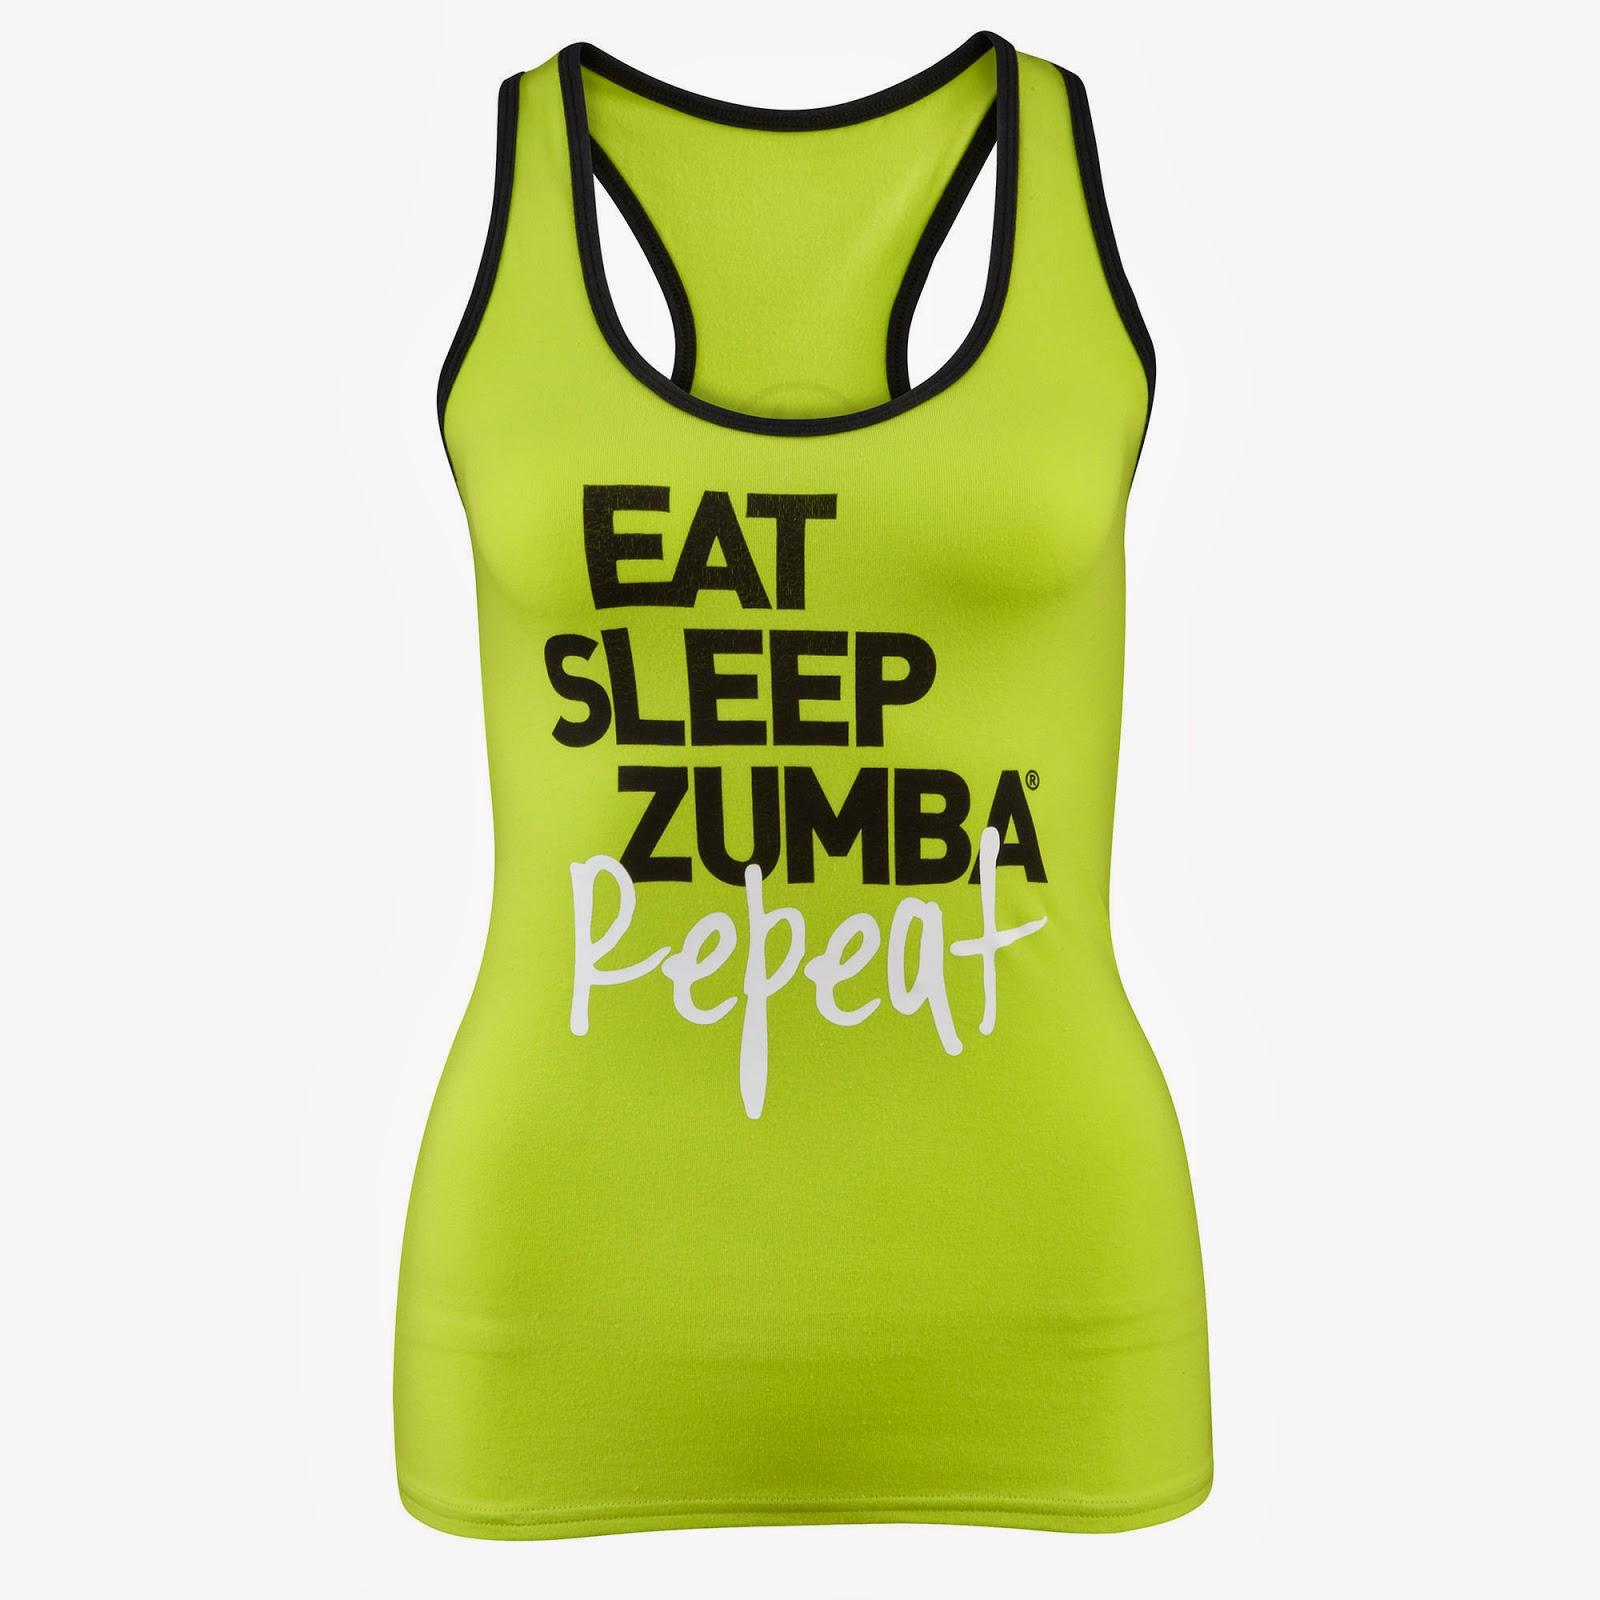 W Ultra Żyj fit.: Ubierz się w Zumbę SK31